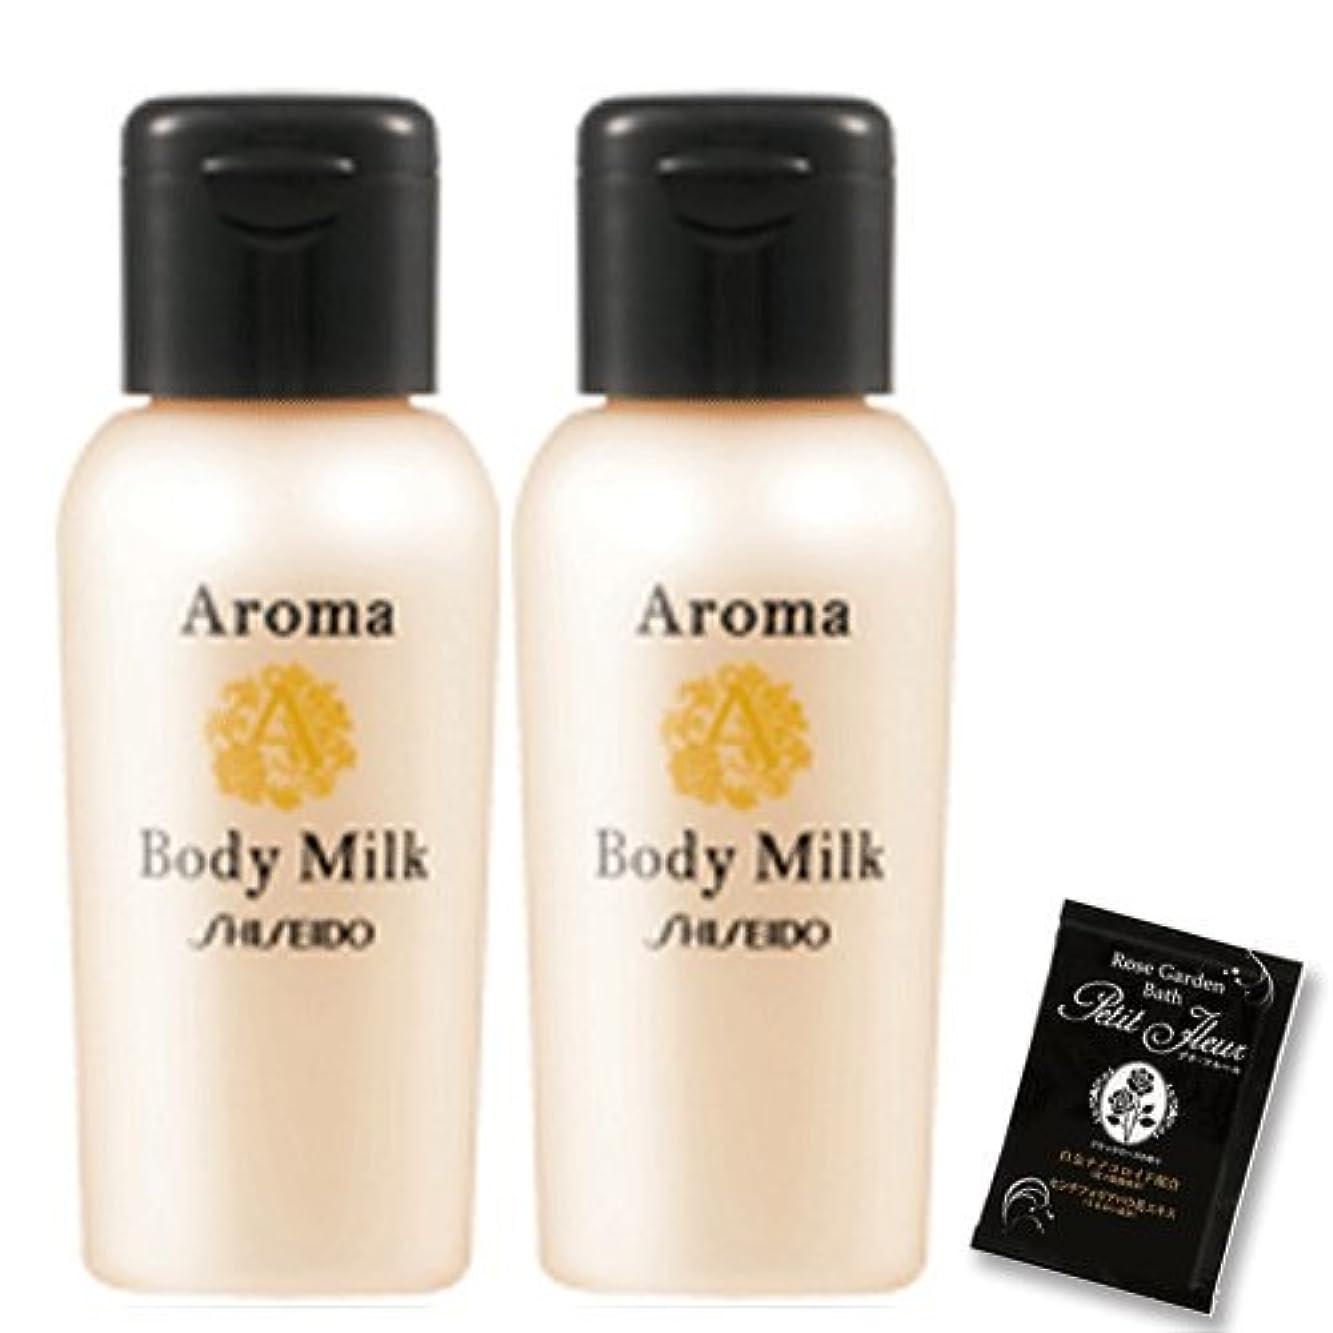 ニックネームかすれた宇宙の資生堂 ジアメニティ アロマミルク 30ml ミニボトル 2本セット + 入浴剤(プチフルール)付き